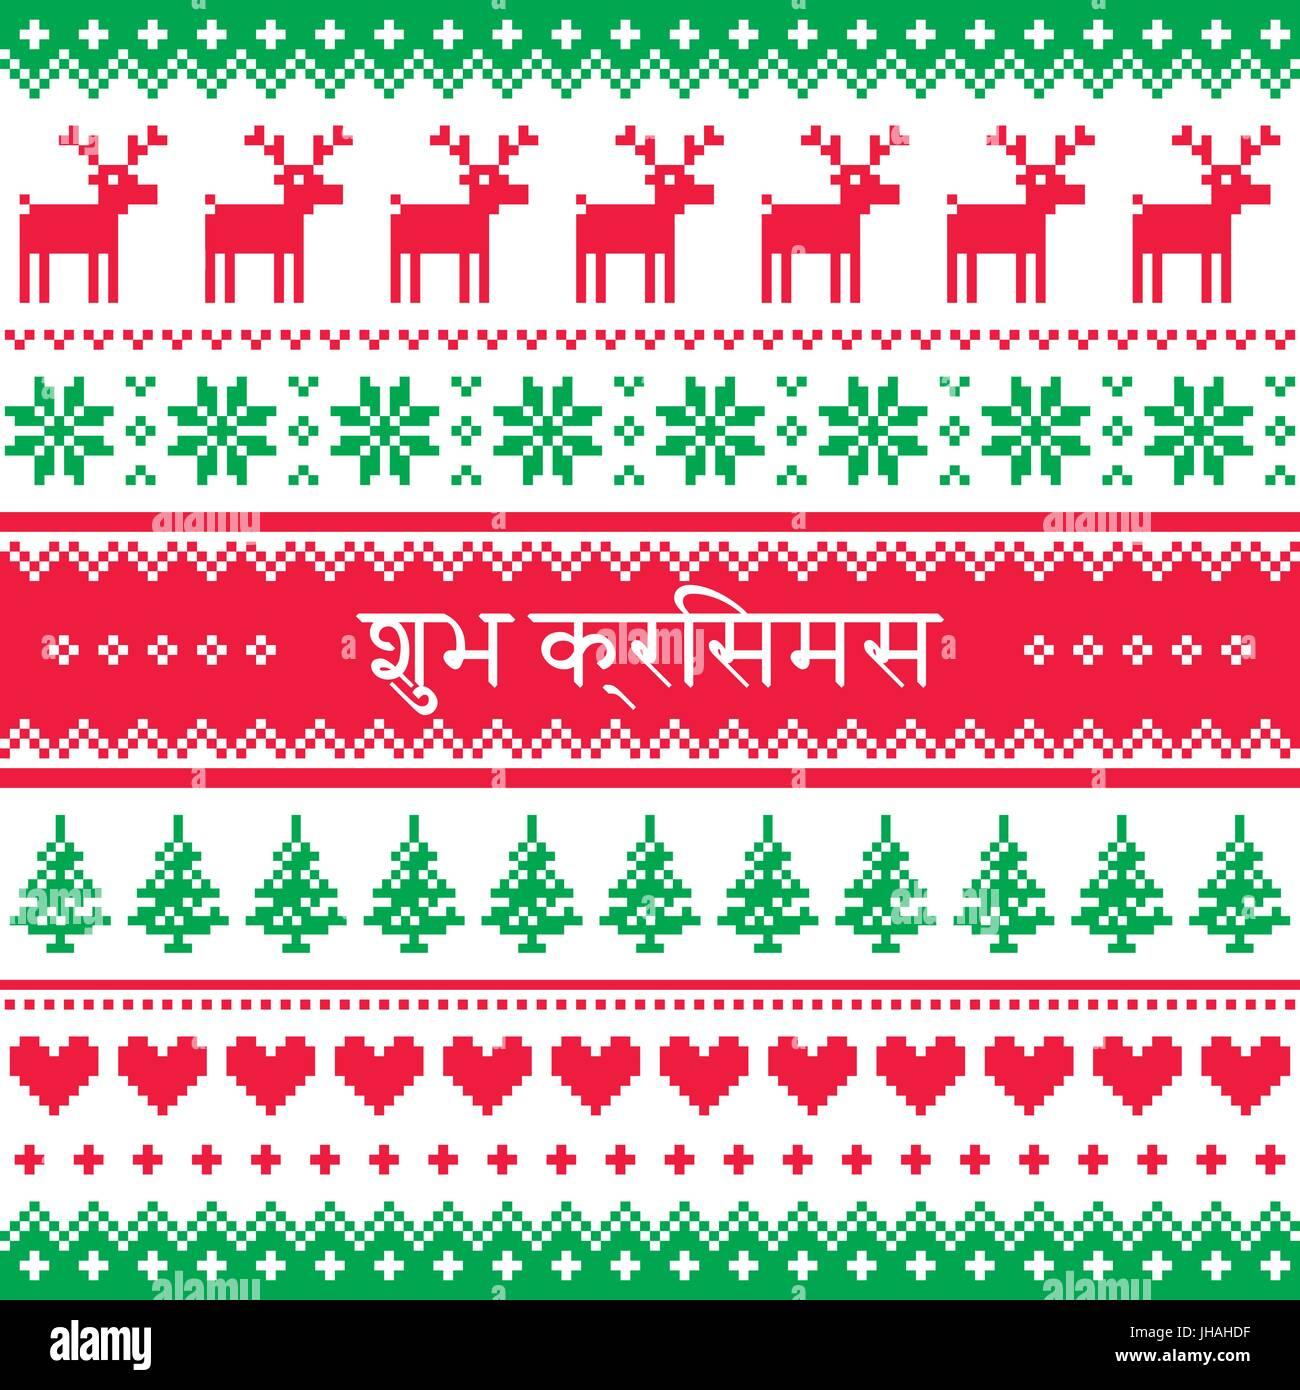 Frohe Weihnachten Hindi.Frohe Weihnachten In Hindi Nahtlose Muster Grußkarte Vektor